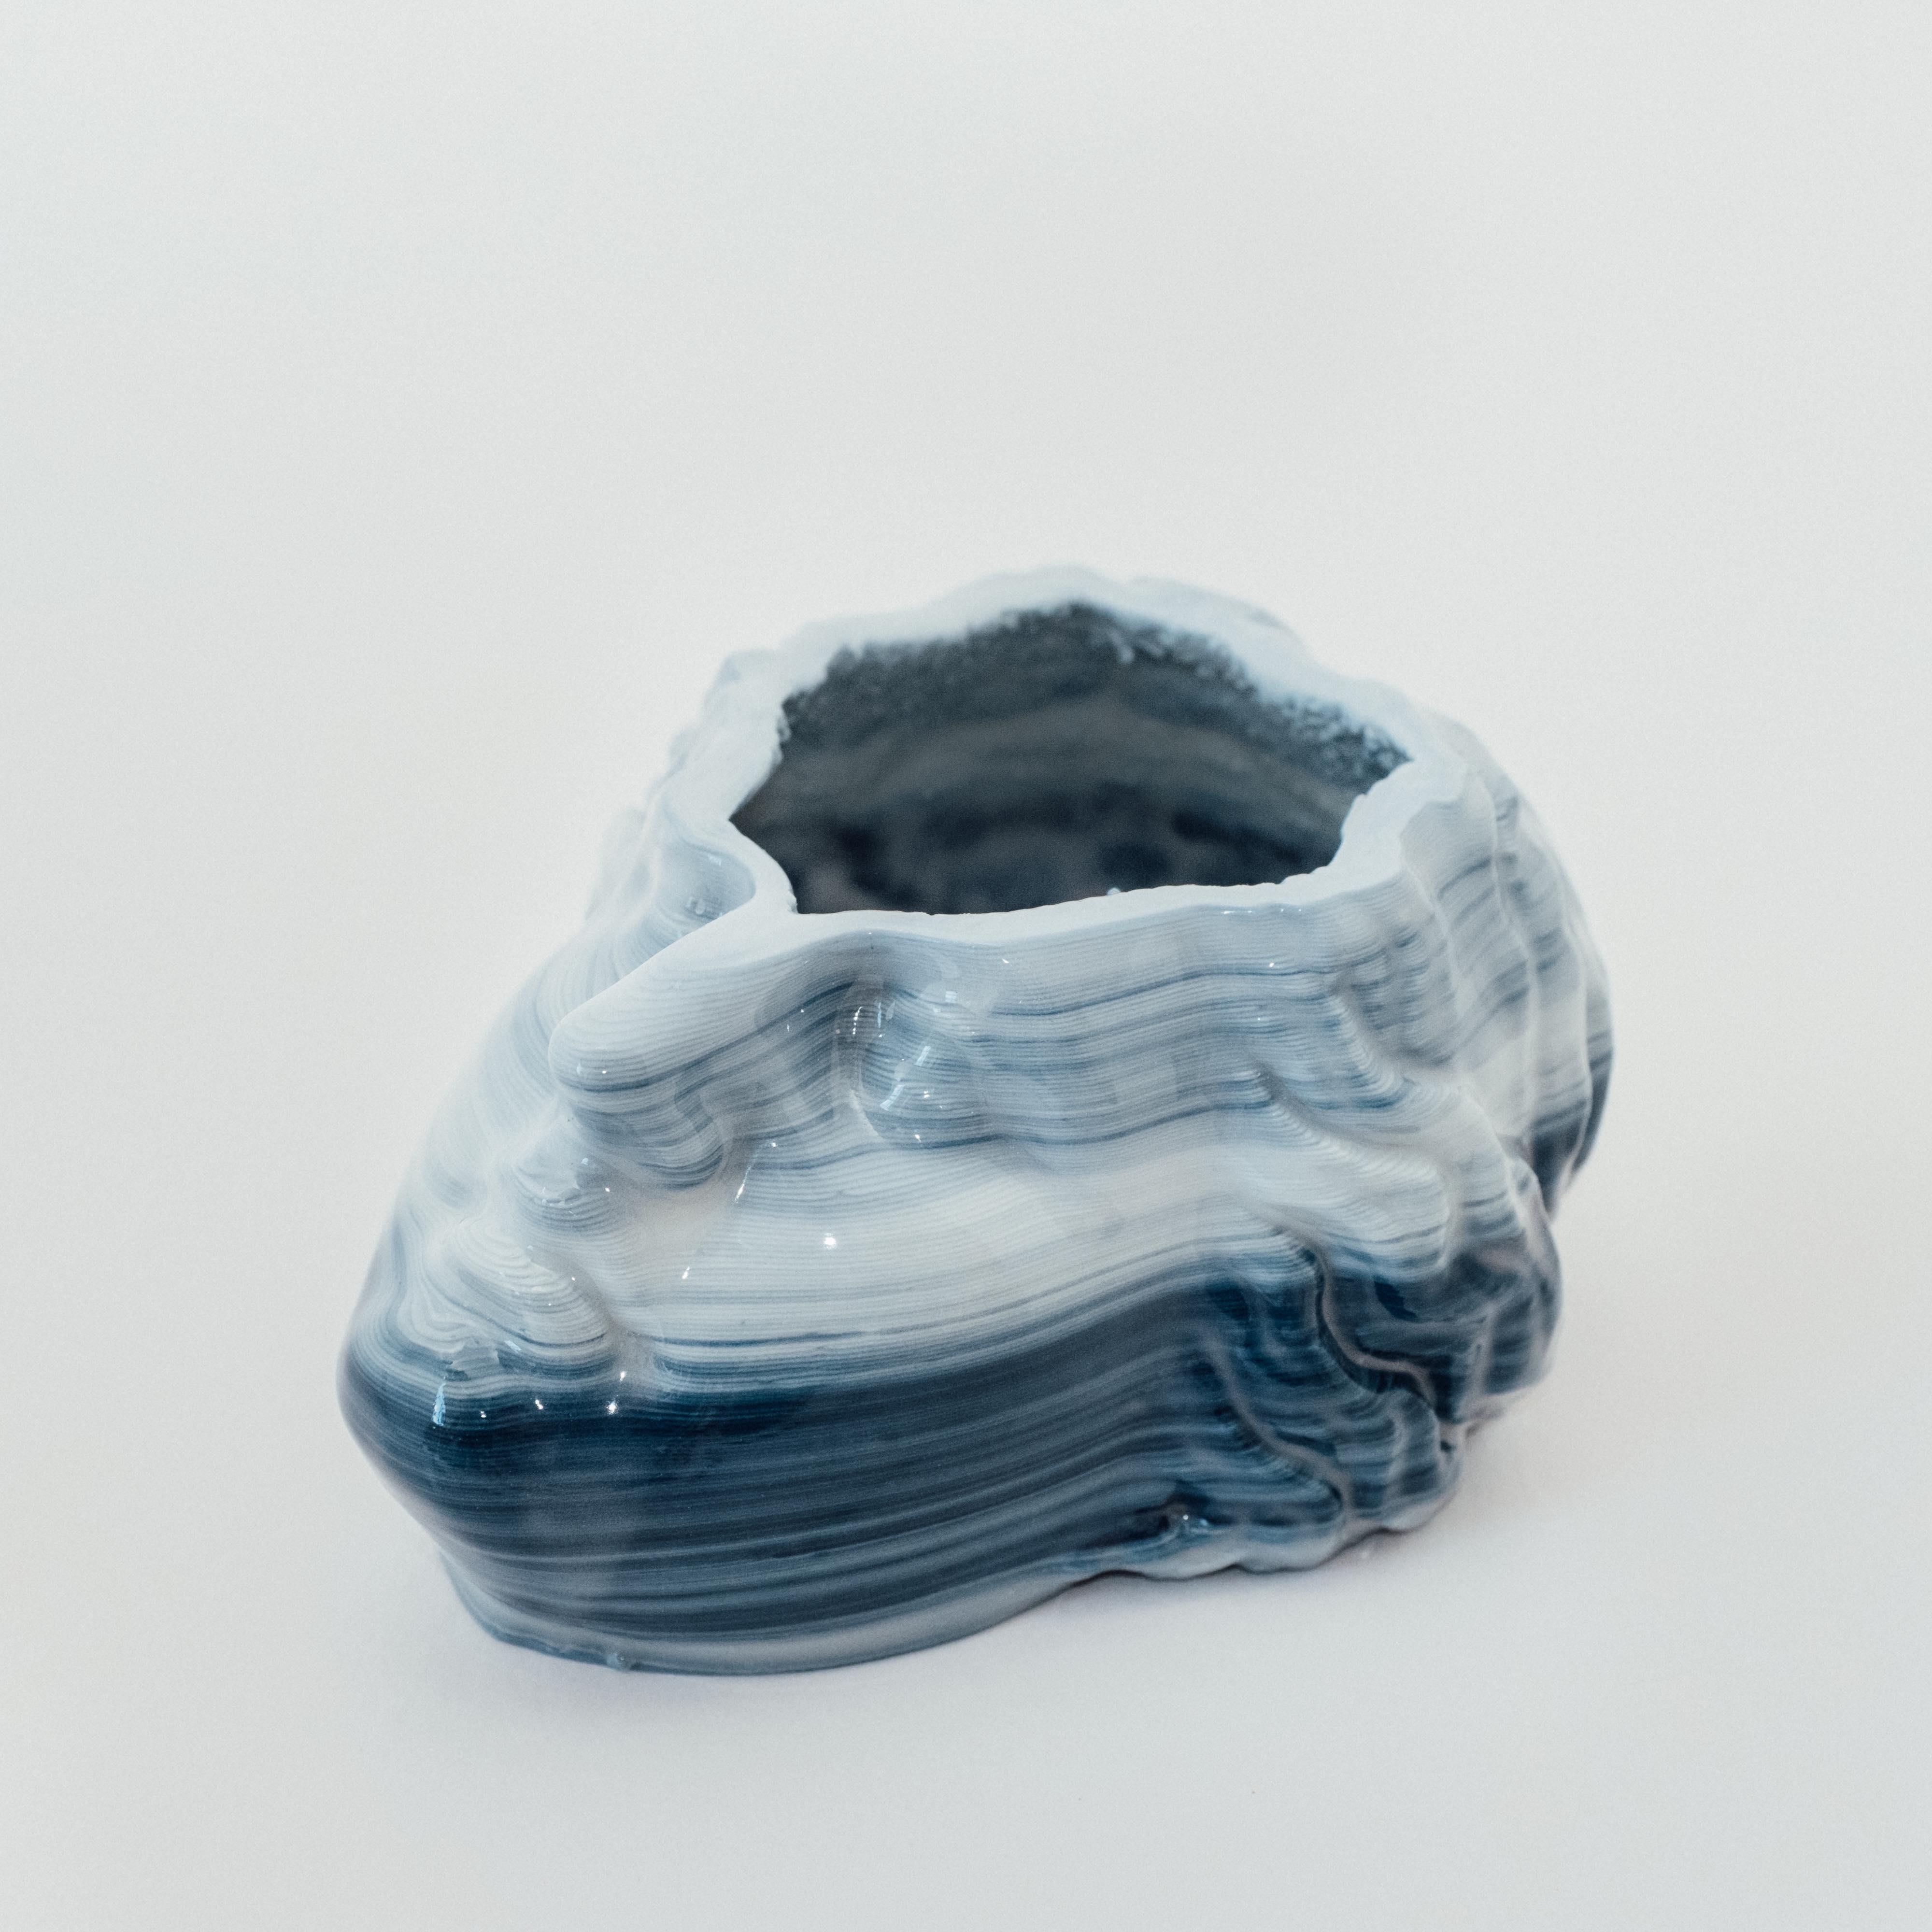 DSCF0458-2